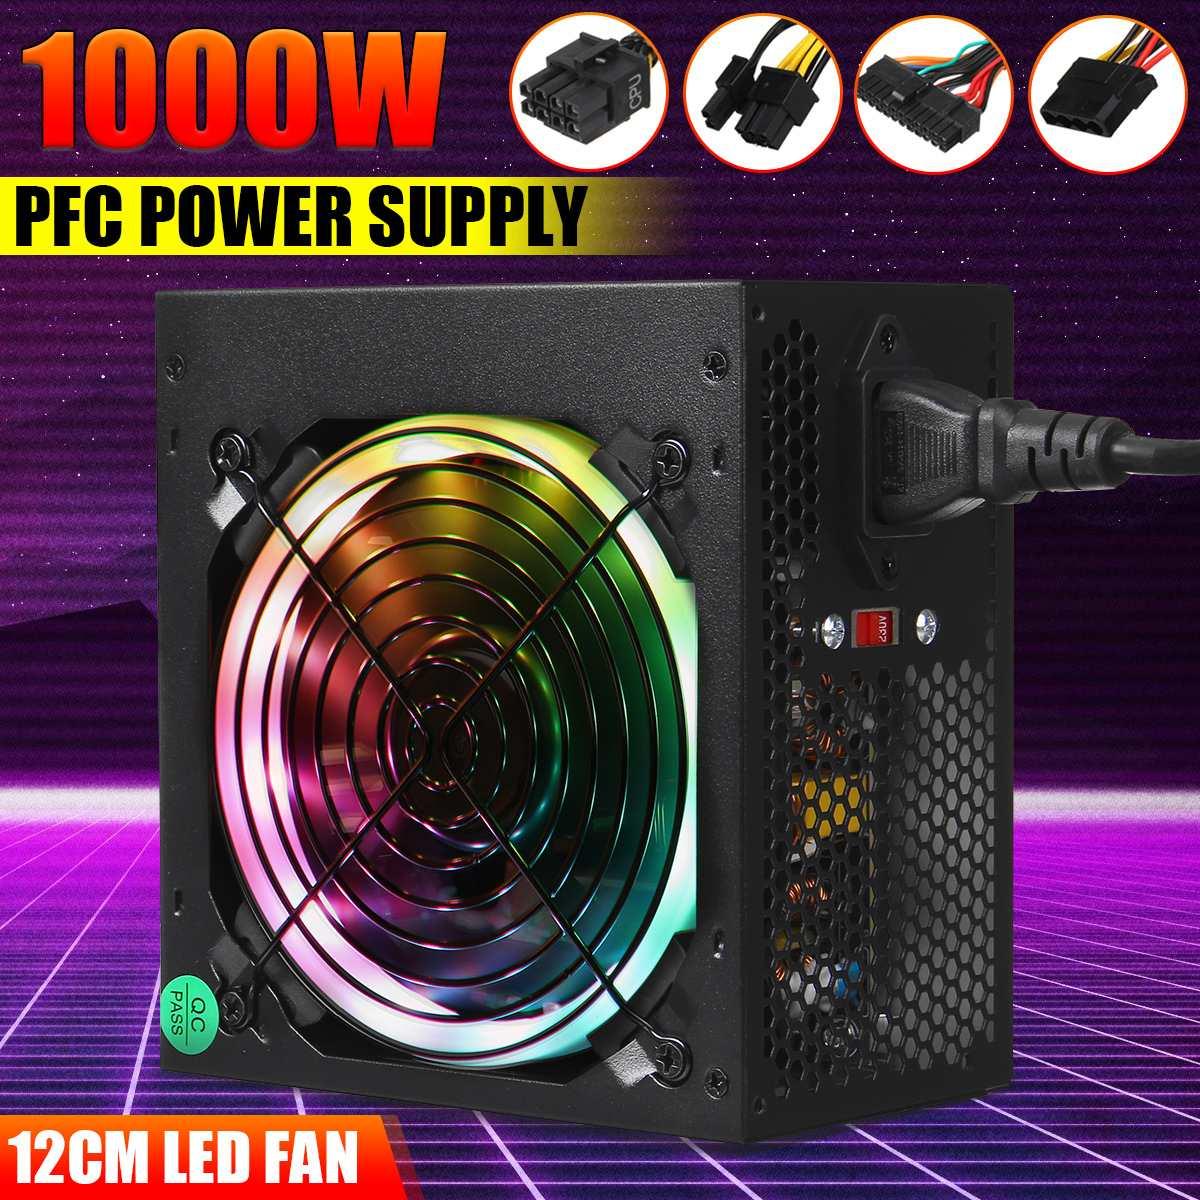 ماكس 1000W امدادات الطاقة 12 سنتيمتر متعدد الألوان LED مروحة السلبي PFC الصامتة مروحة ATX 24 دبوس 12V PC الكمبيوتر SATA الألعاب PC امدادات الطاقة